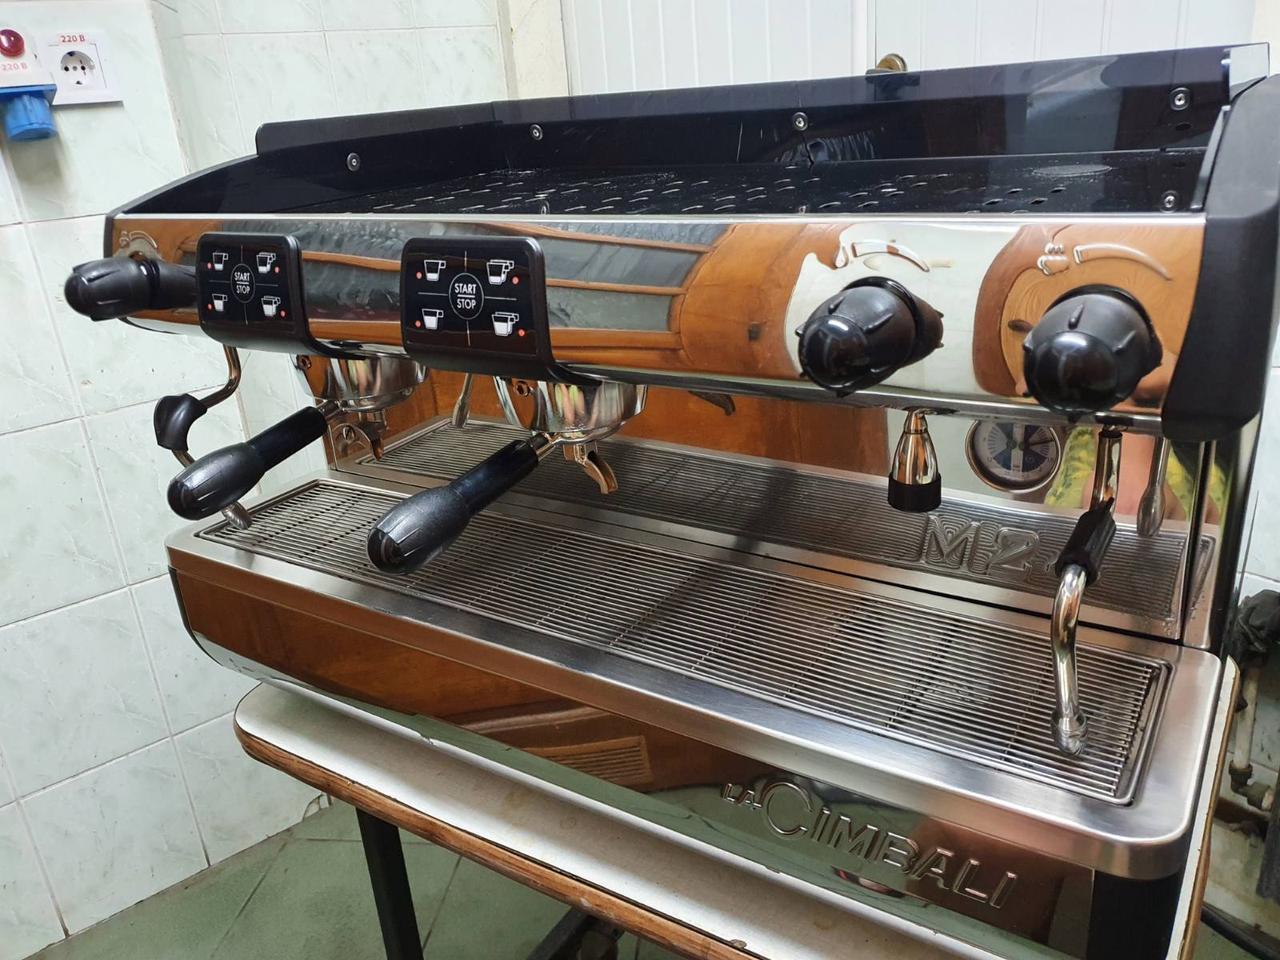 Кофемашина  La Cimbali  M24 (Италия)  Б/у в прекрасном рабочем состоянии